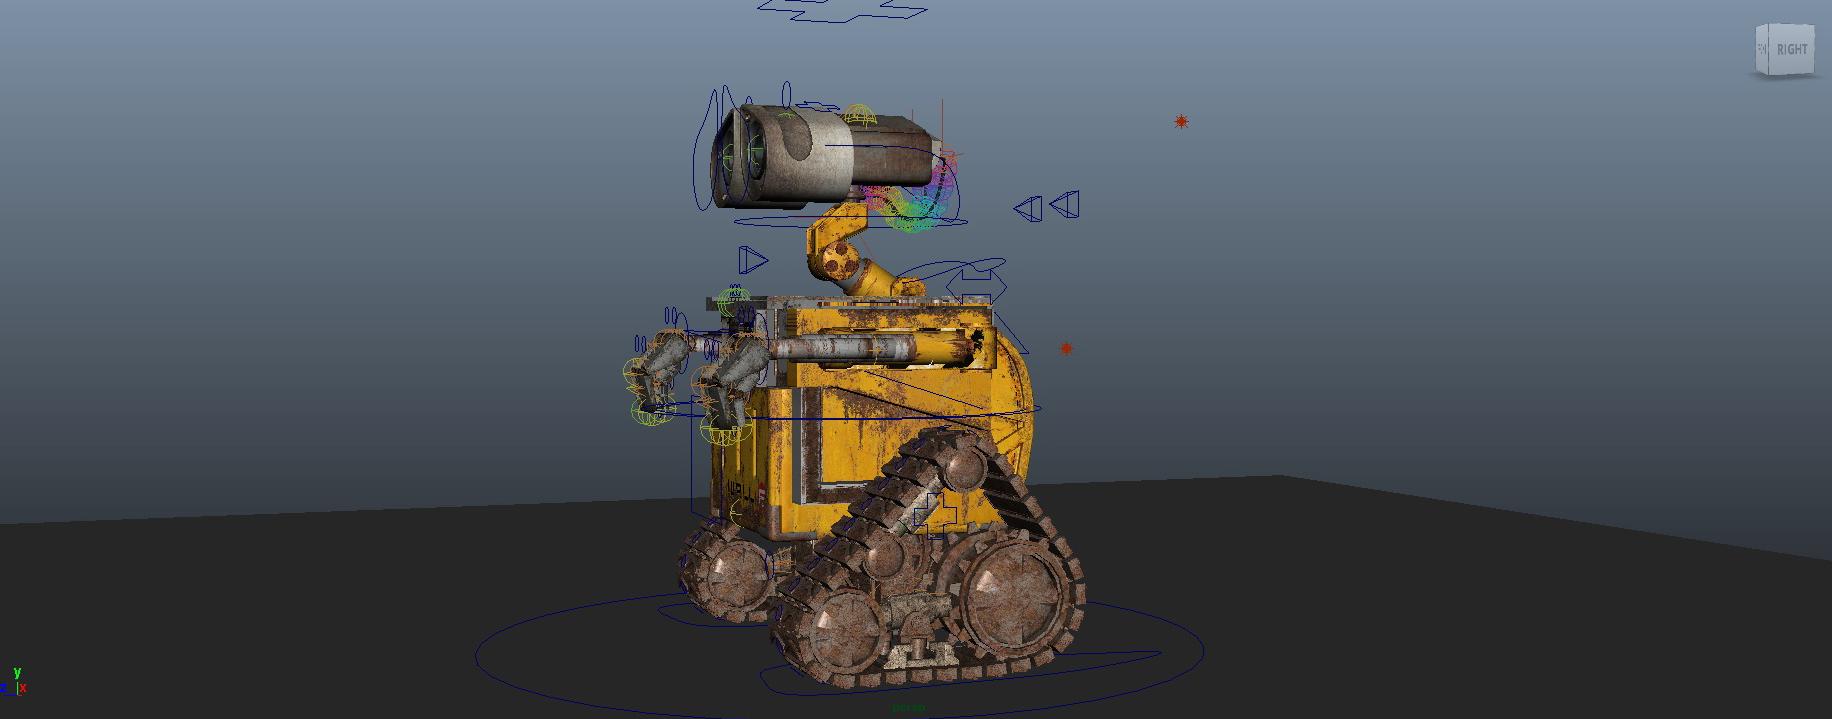 3d загварыг fnx ma mb бүтэцтэй 154209-аар харуул